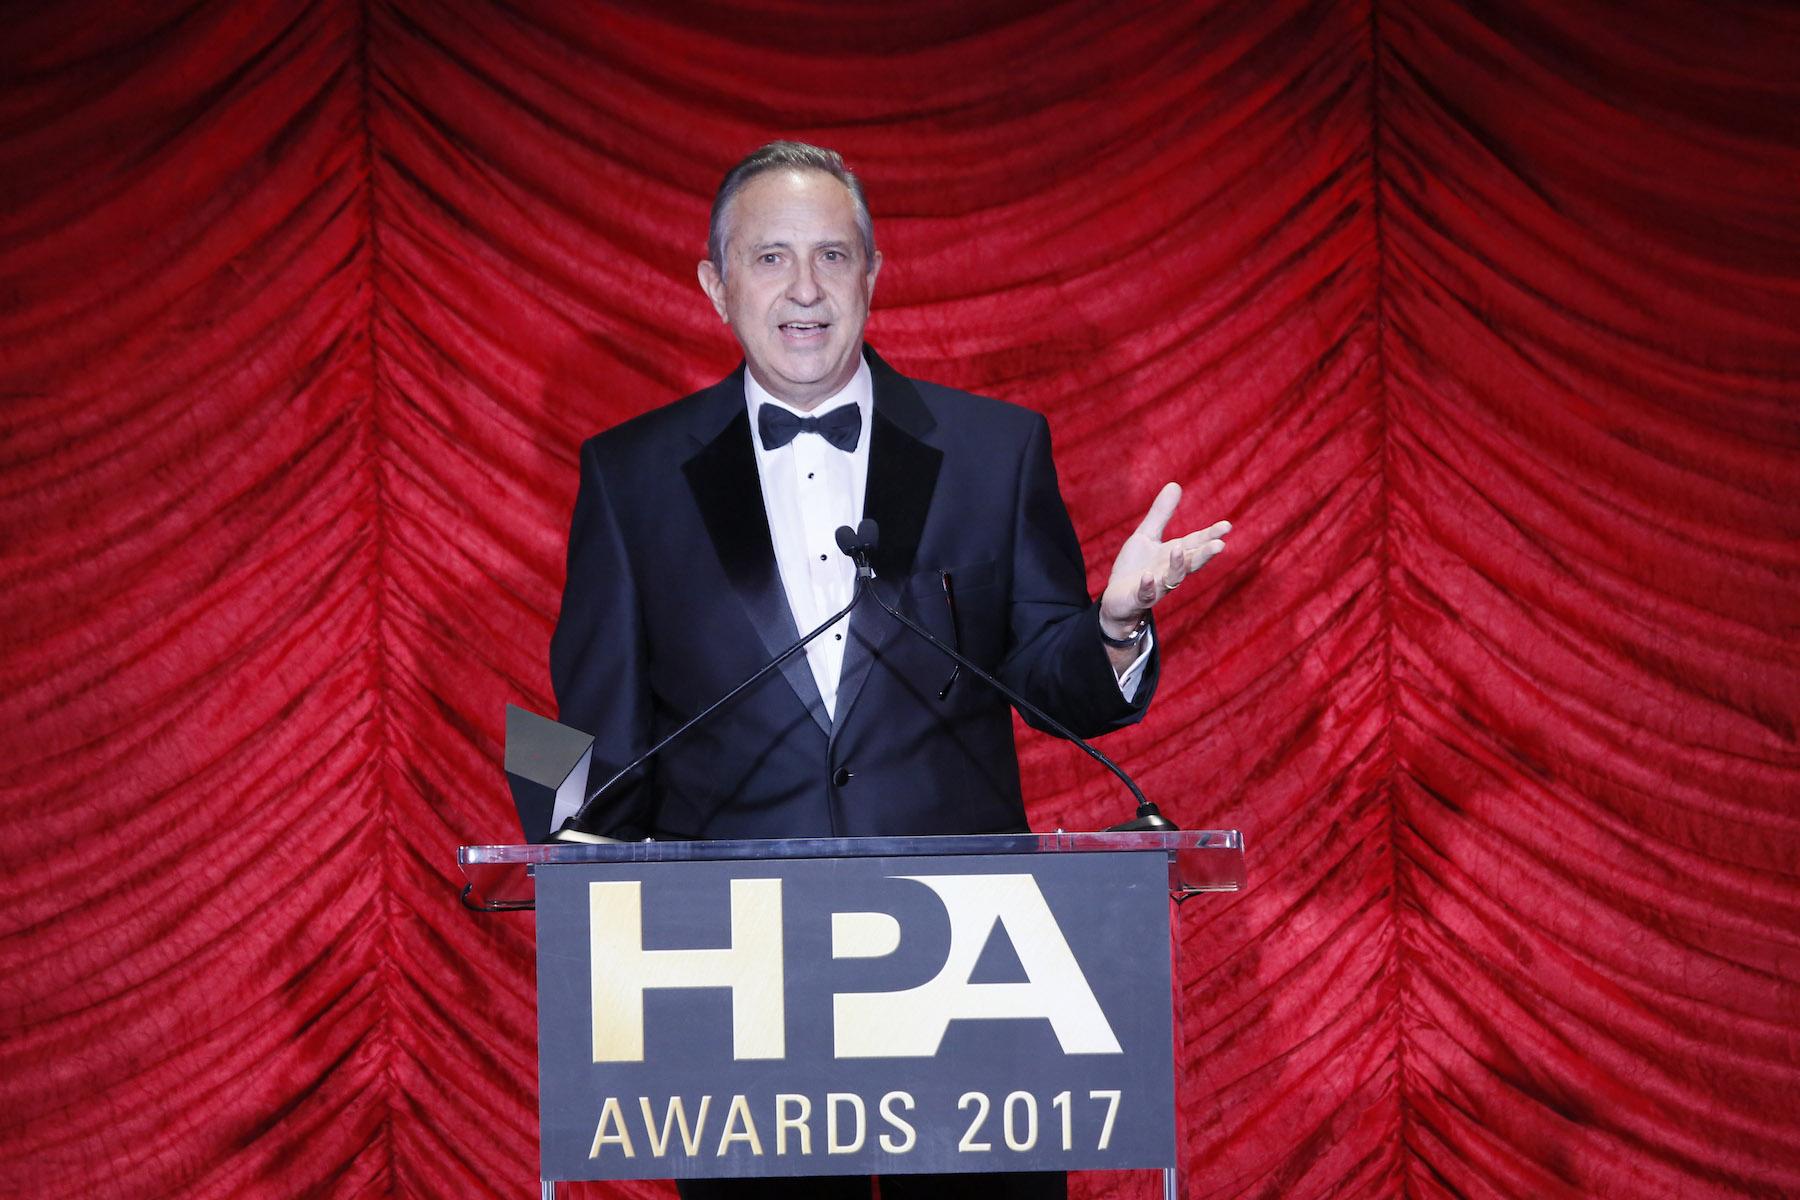 hpa-awards-lifetime-winner-chernoff_37799630785_o.jpg